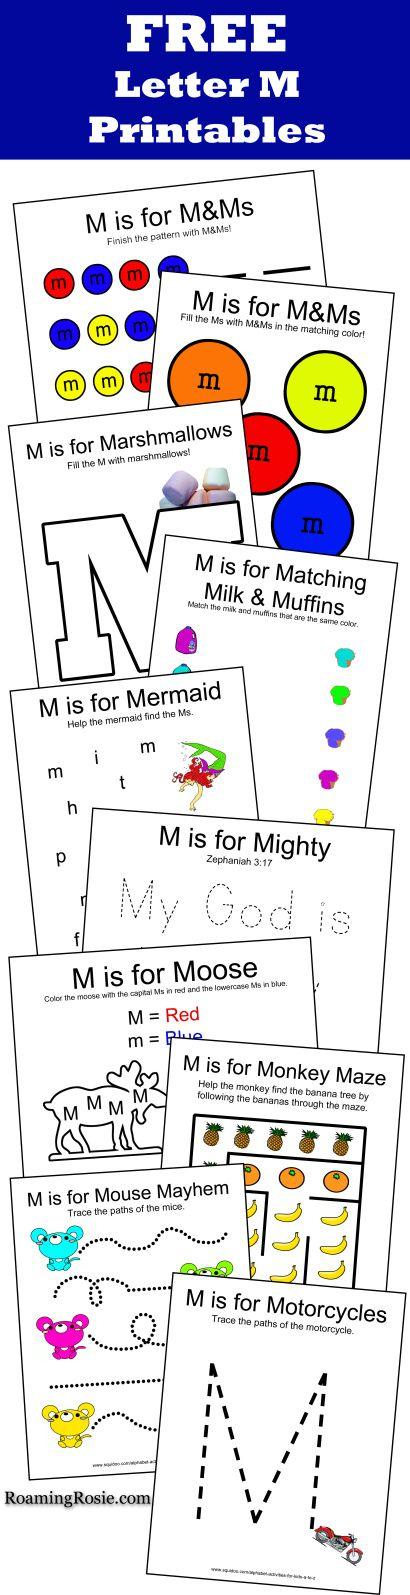 17 best images about letter mm kindergarten on pinterest the alphabet letter m crafts and. Black Bedroom Furniture Sets. Home Design Ideas